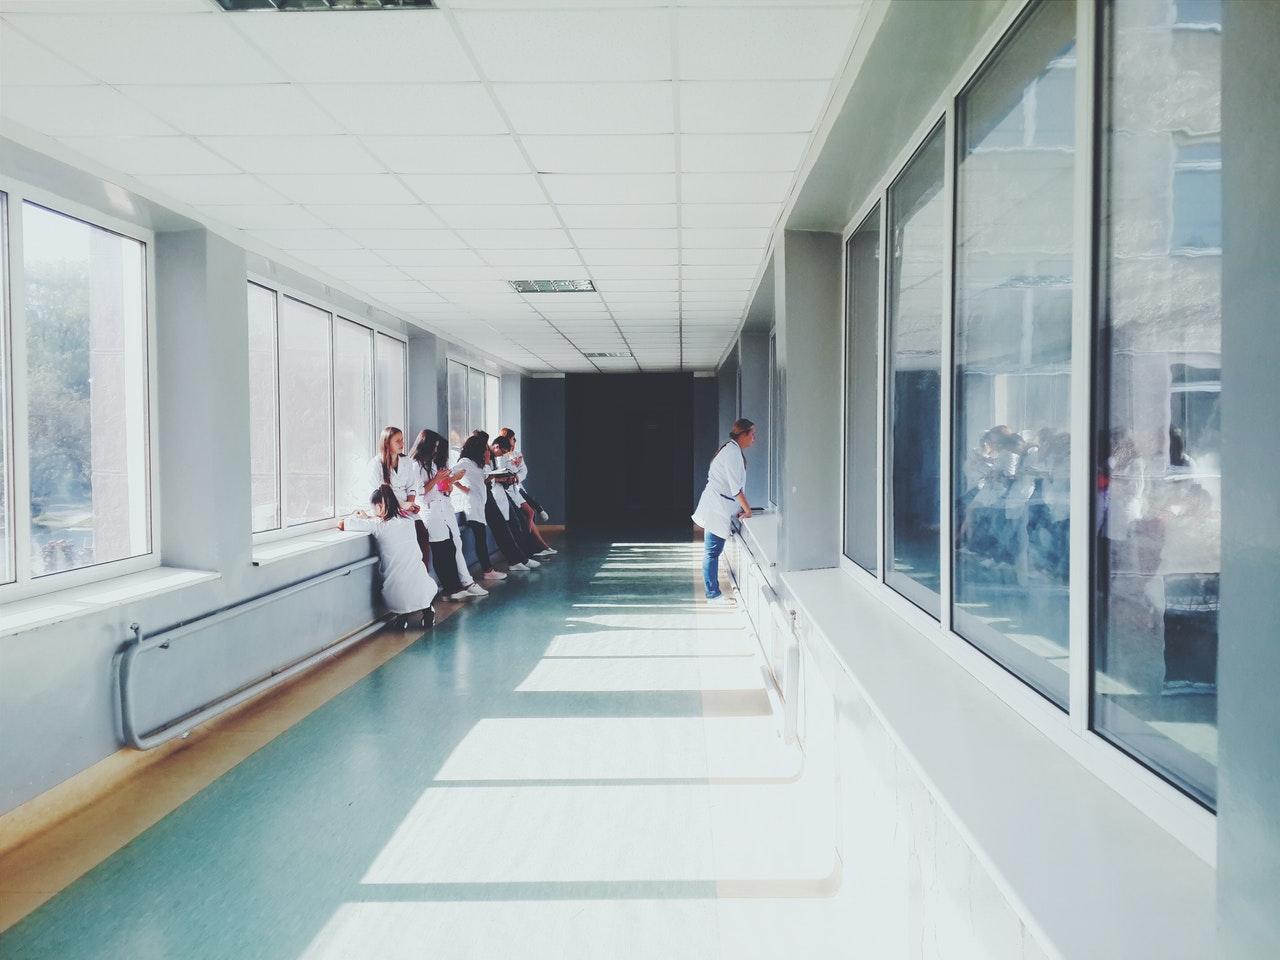 US hospitals post costs online